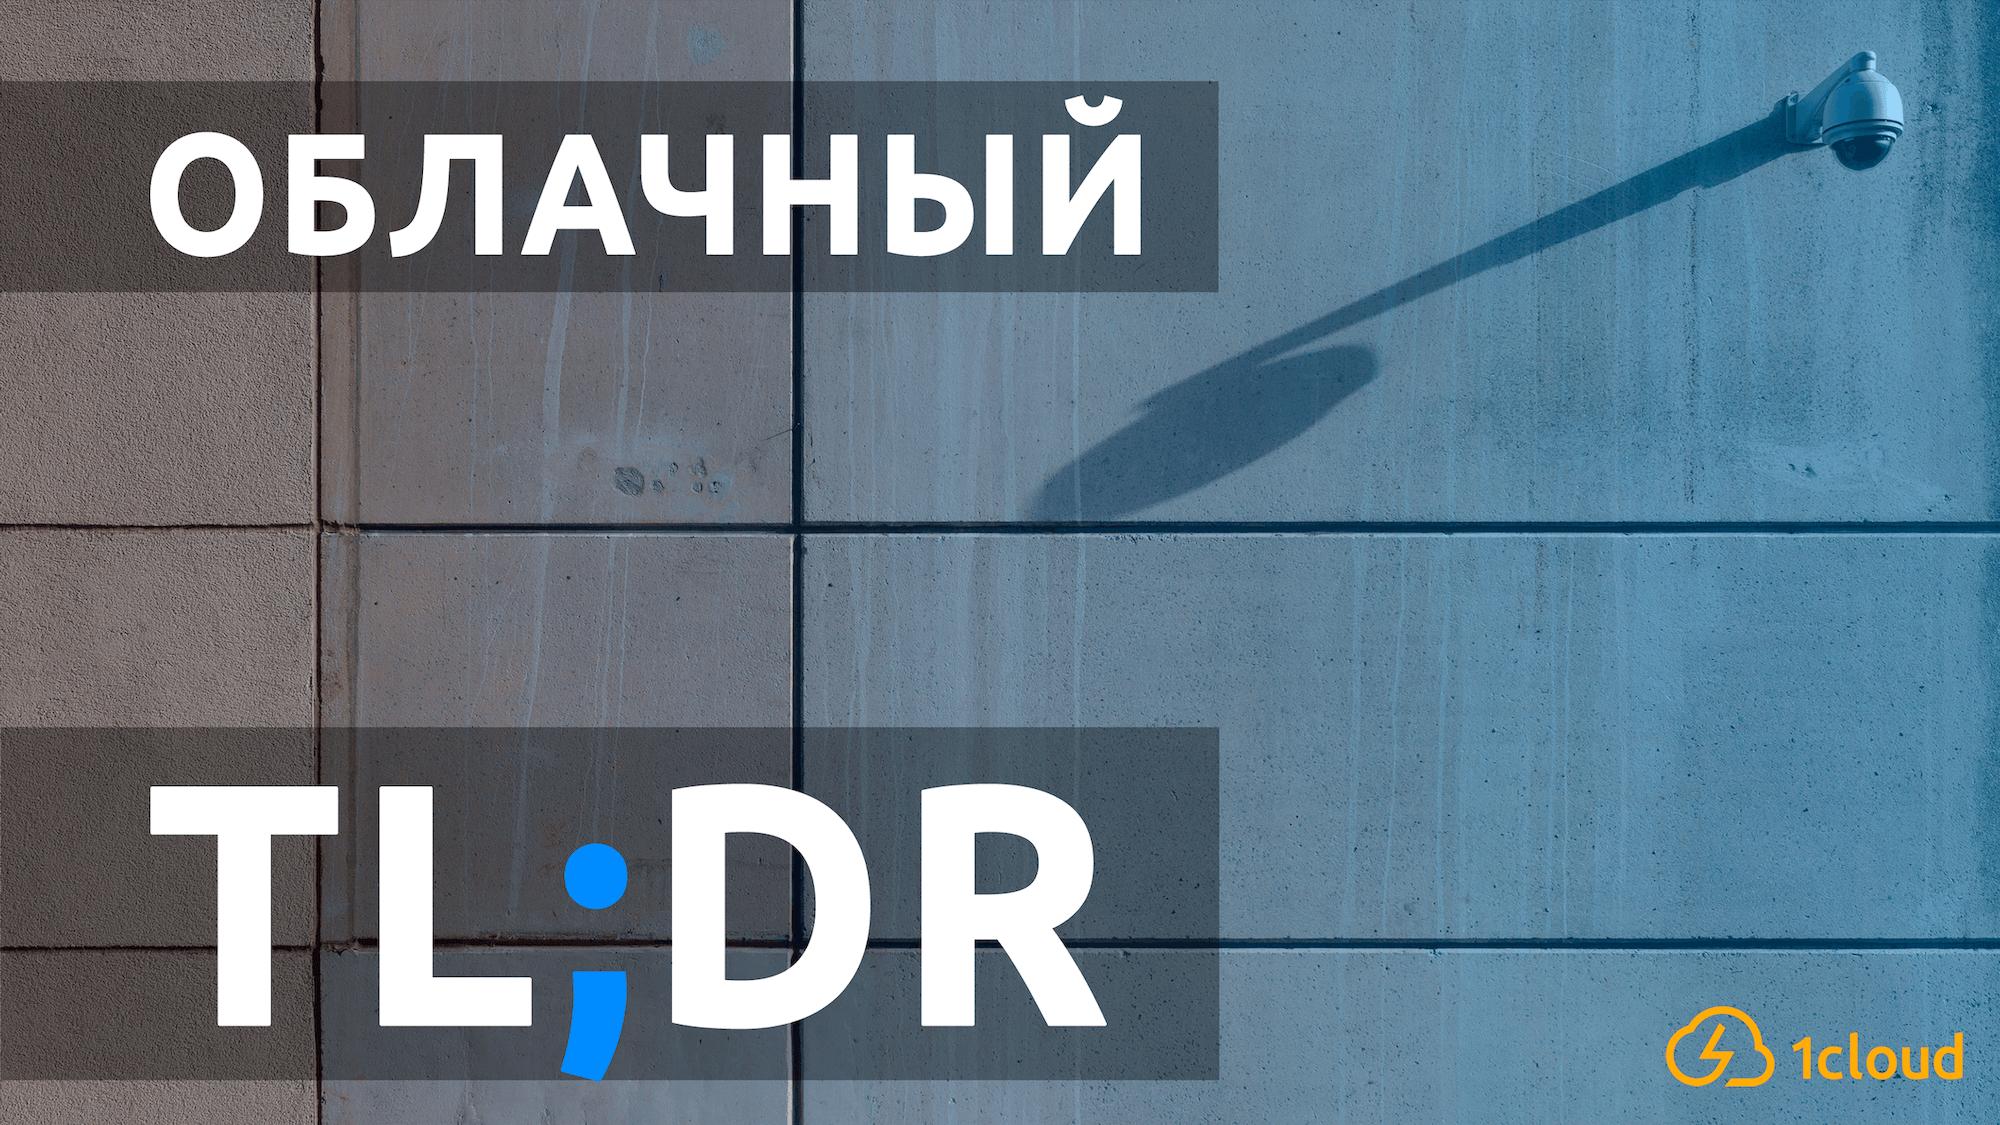 Облачный TLDR непривычная дистанционка, досмотр гаджетов и рекомендации по личной ИБ